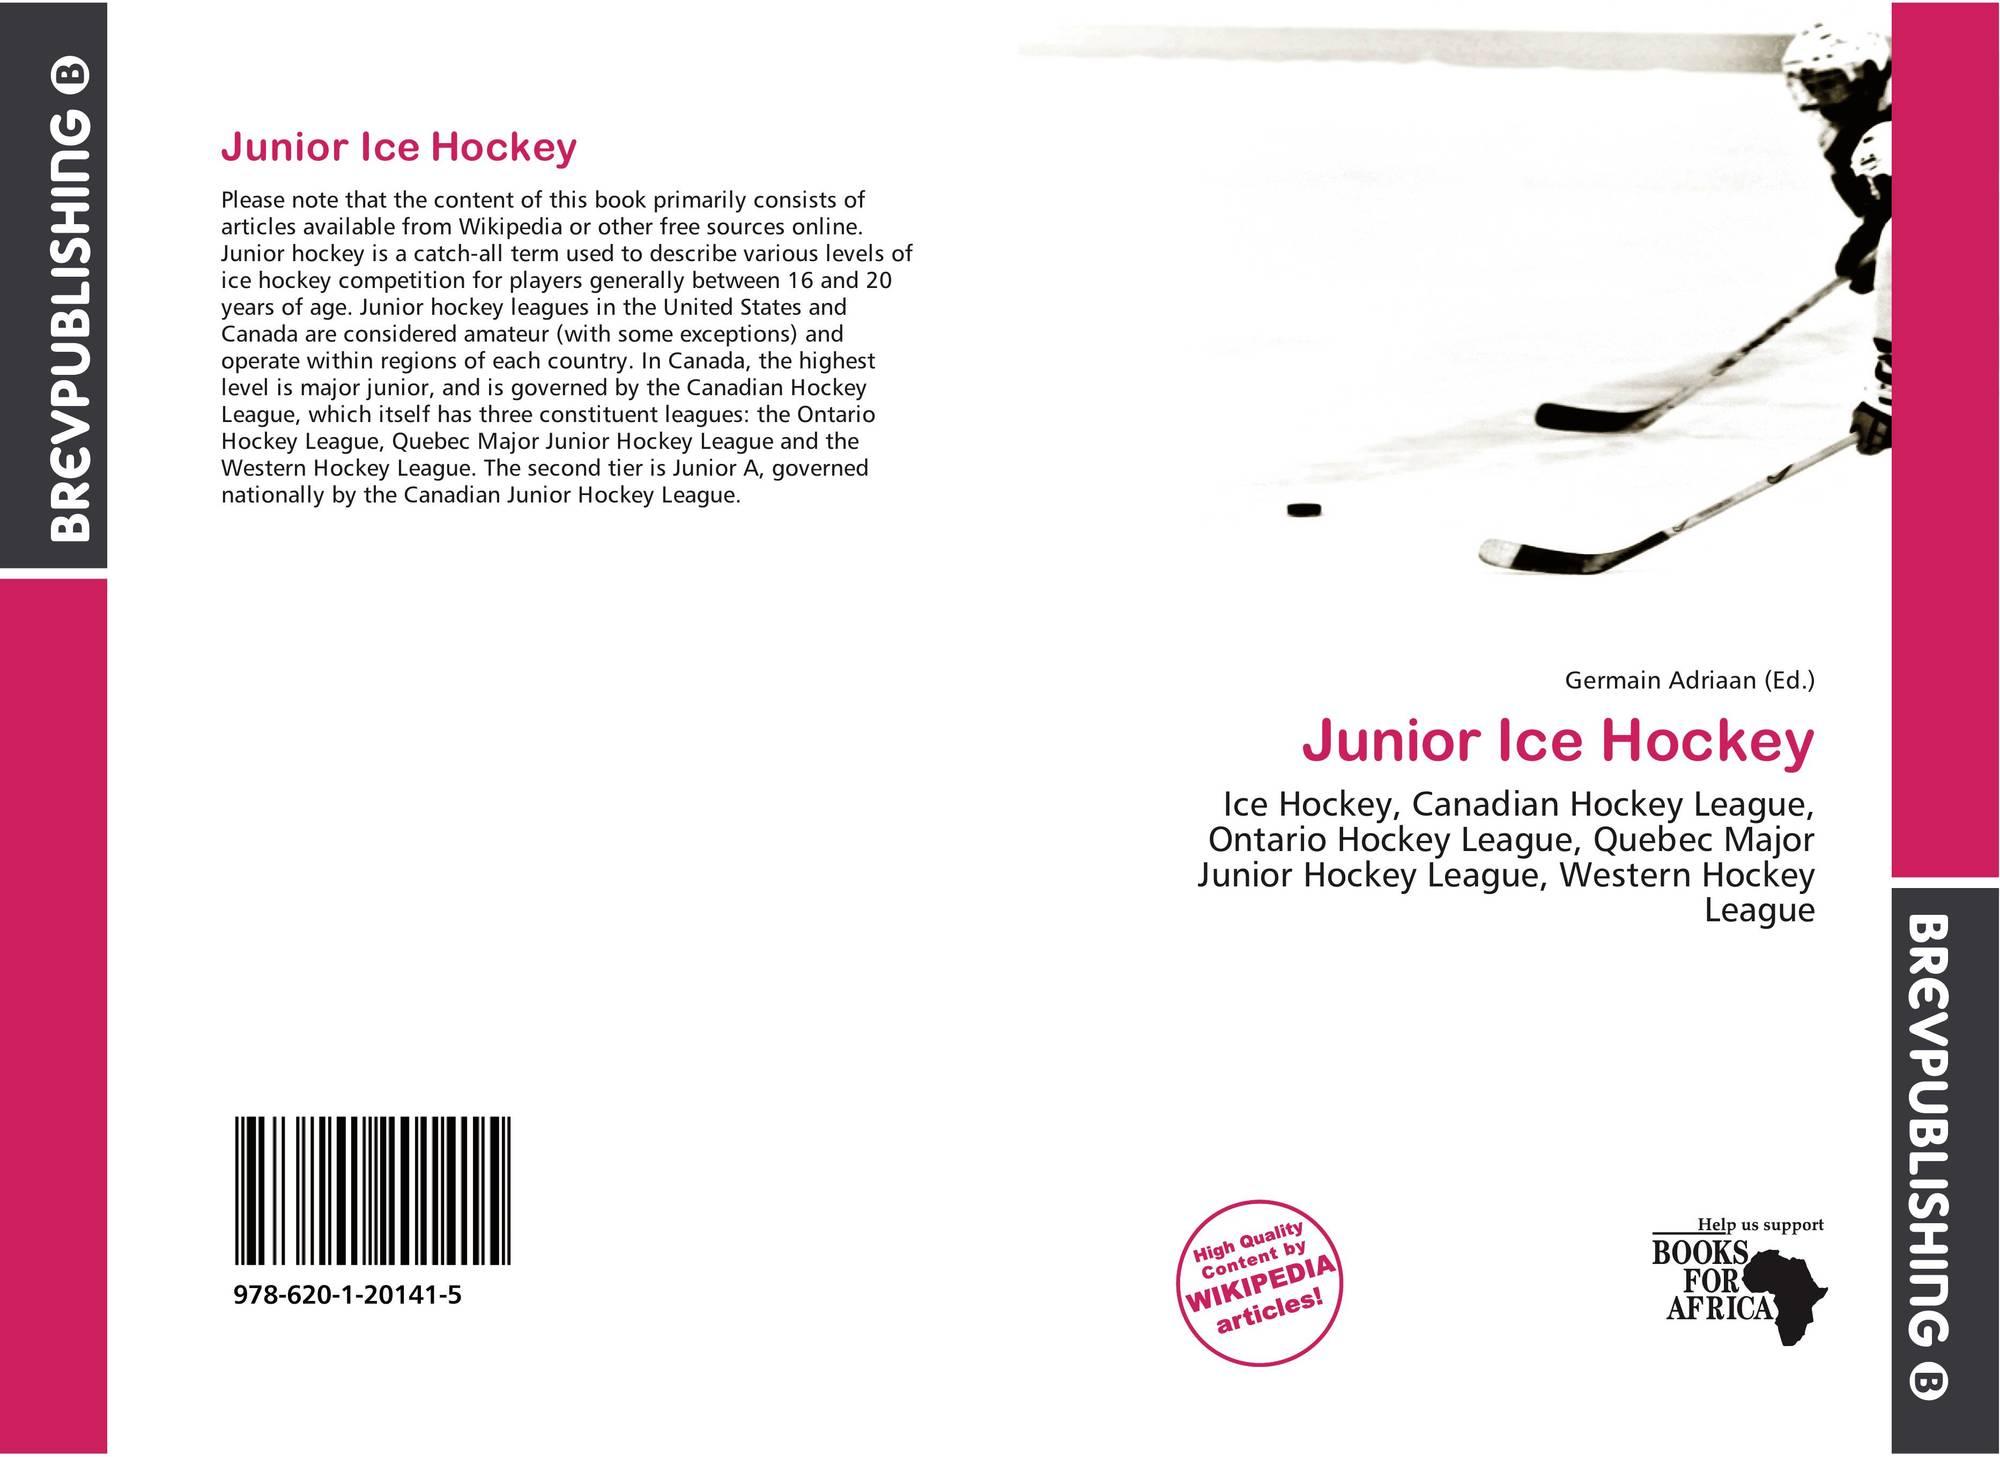 Junior Ice Hockey, 978-620-1-20141-5, 6201201416 ,9786201201415